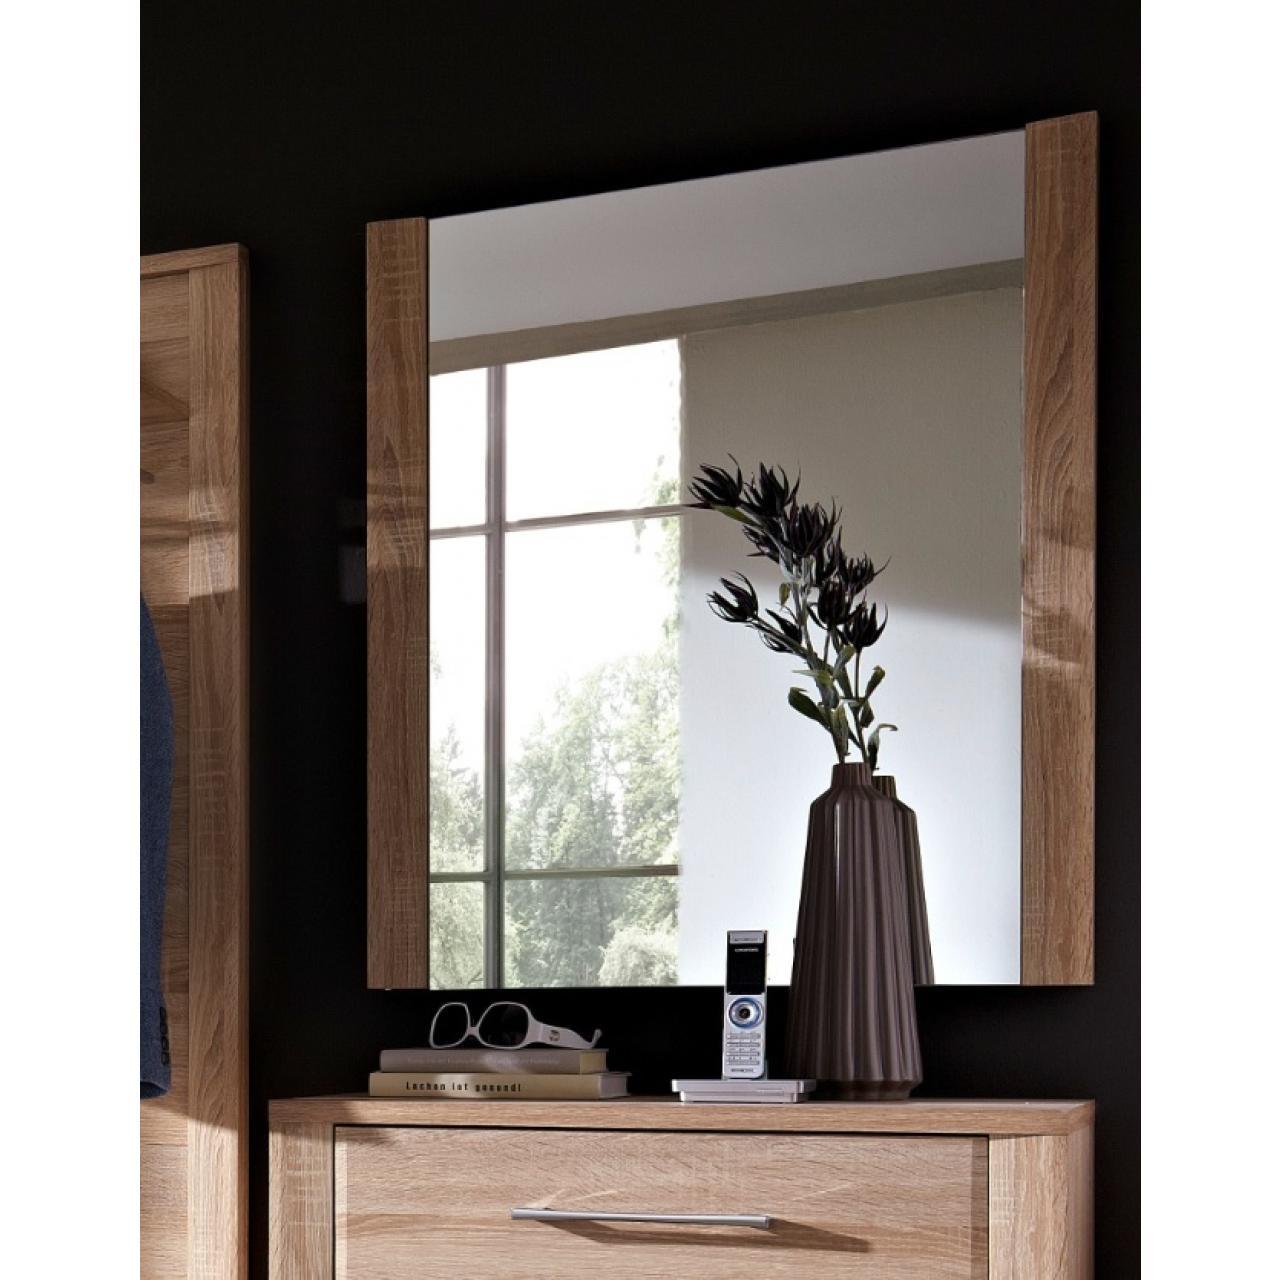 spiegel go spiegel wohnen m bel j hnichen center gmbh. Black Bedroom Furniture Sets. Home Design Ideas